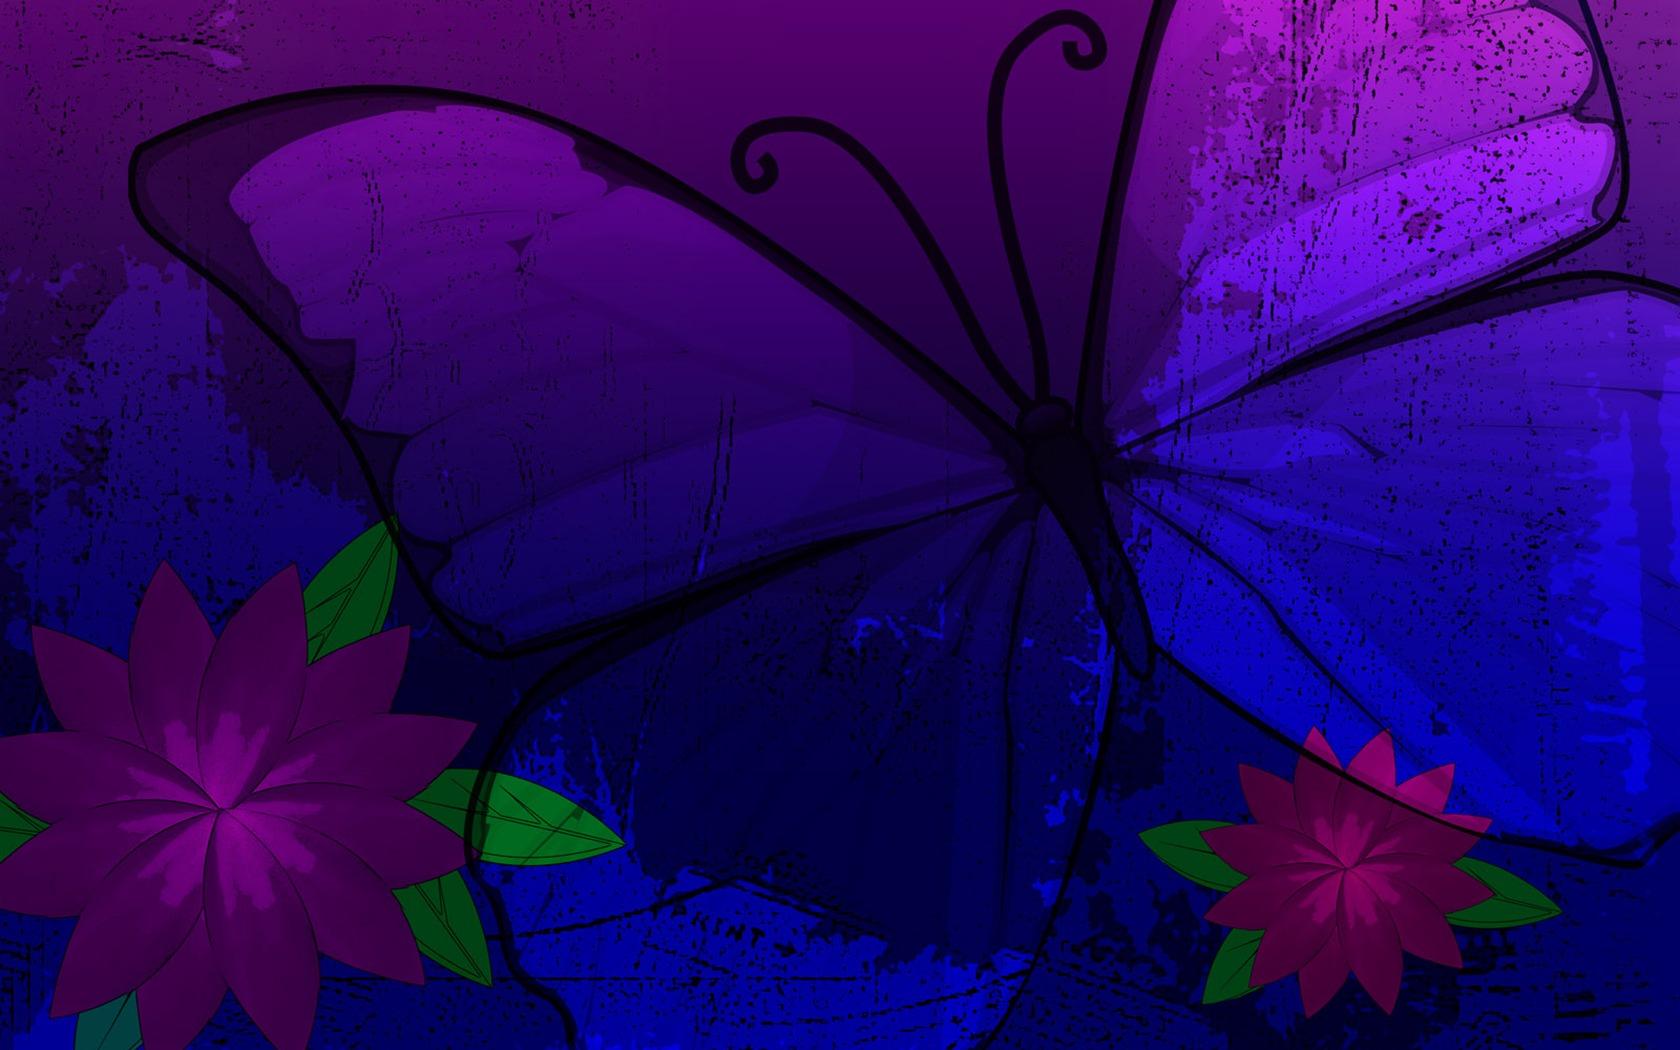 Purple butterfly wallpaper - photo#50